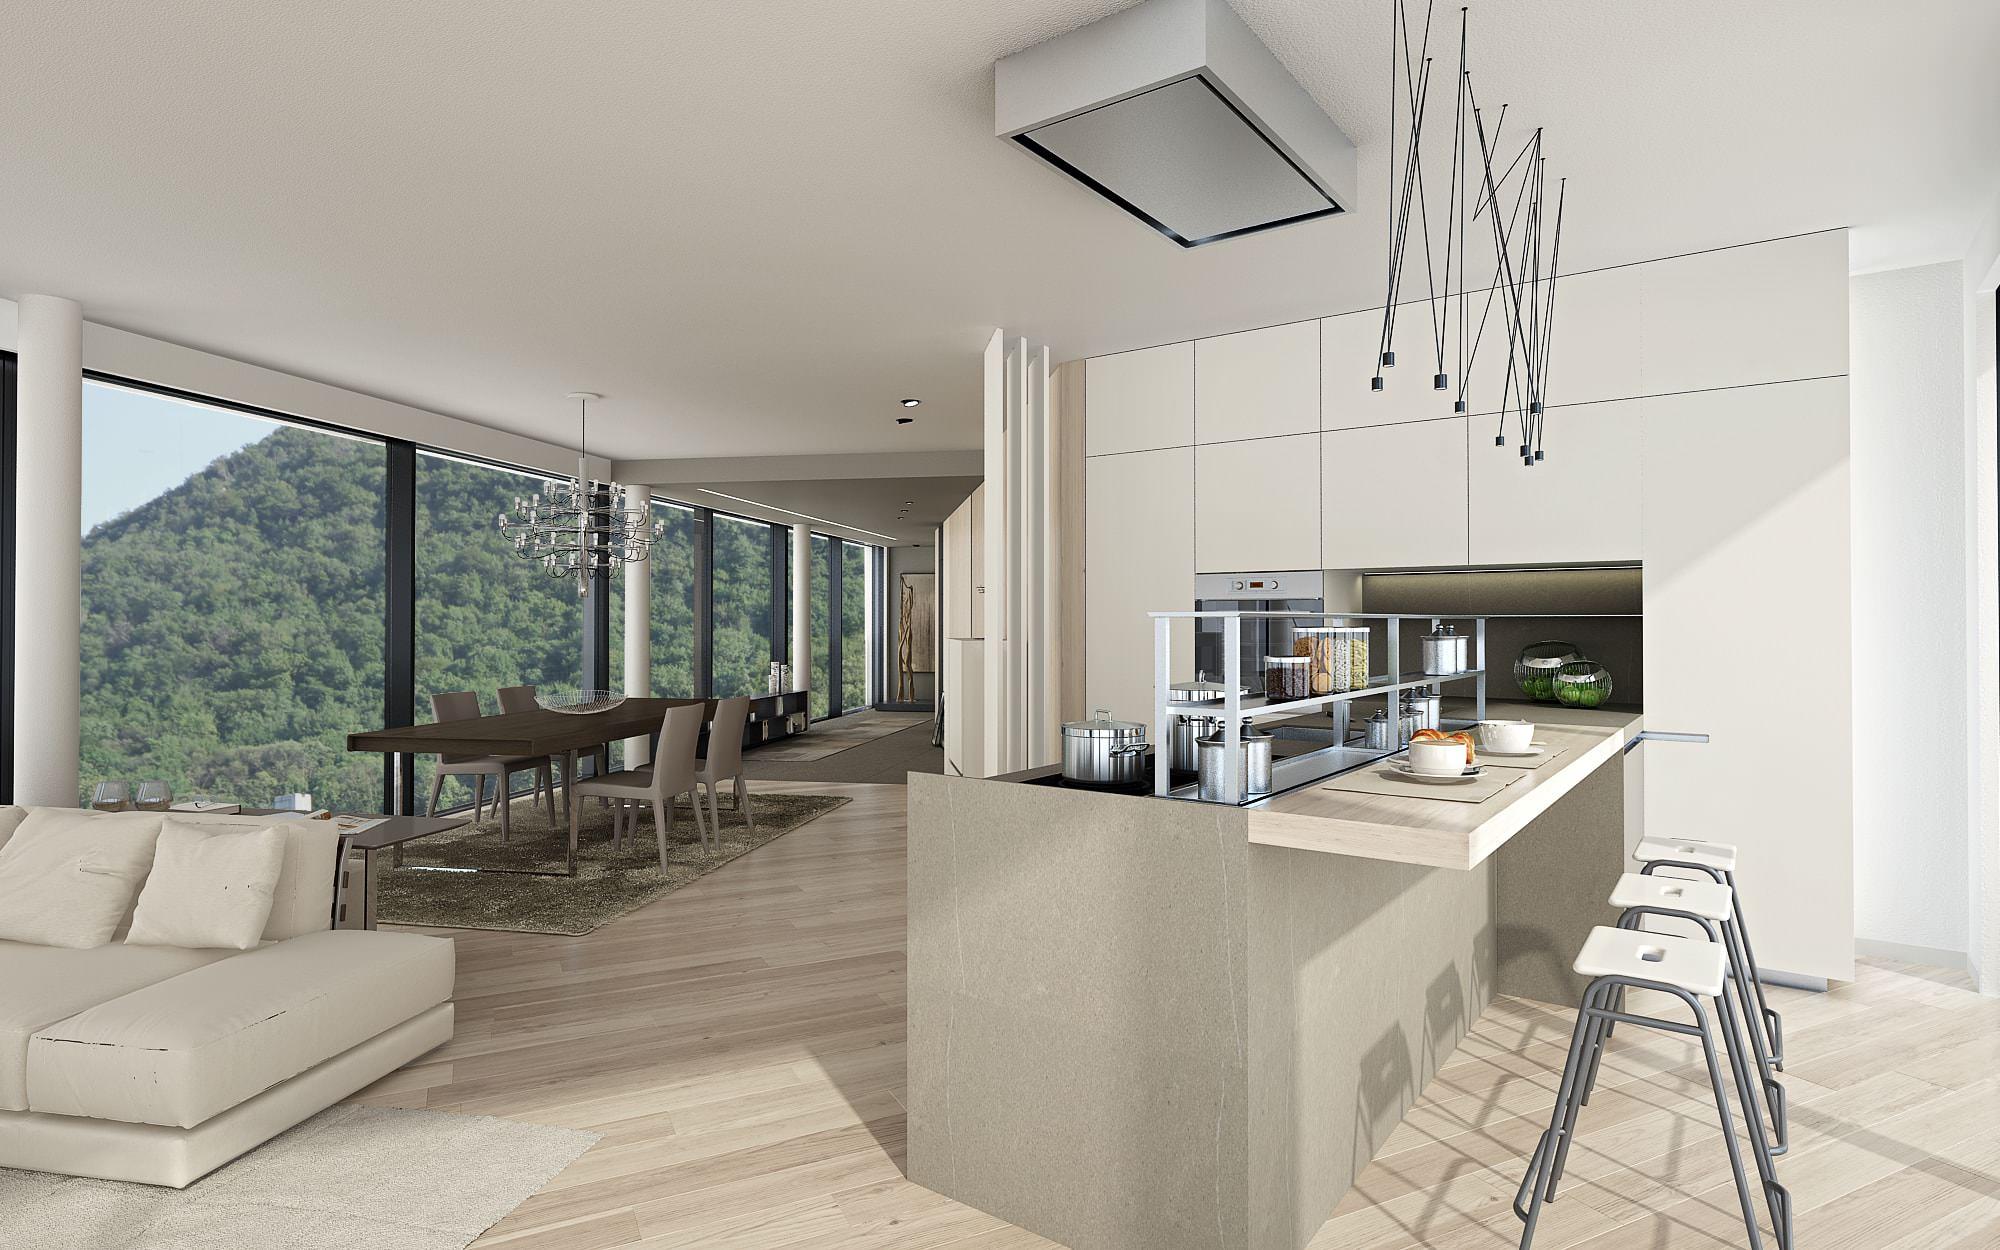 Cucina attico moderno Lugano Ticino Svizzera